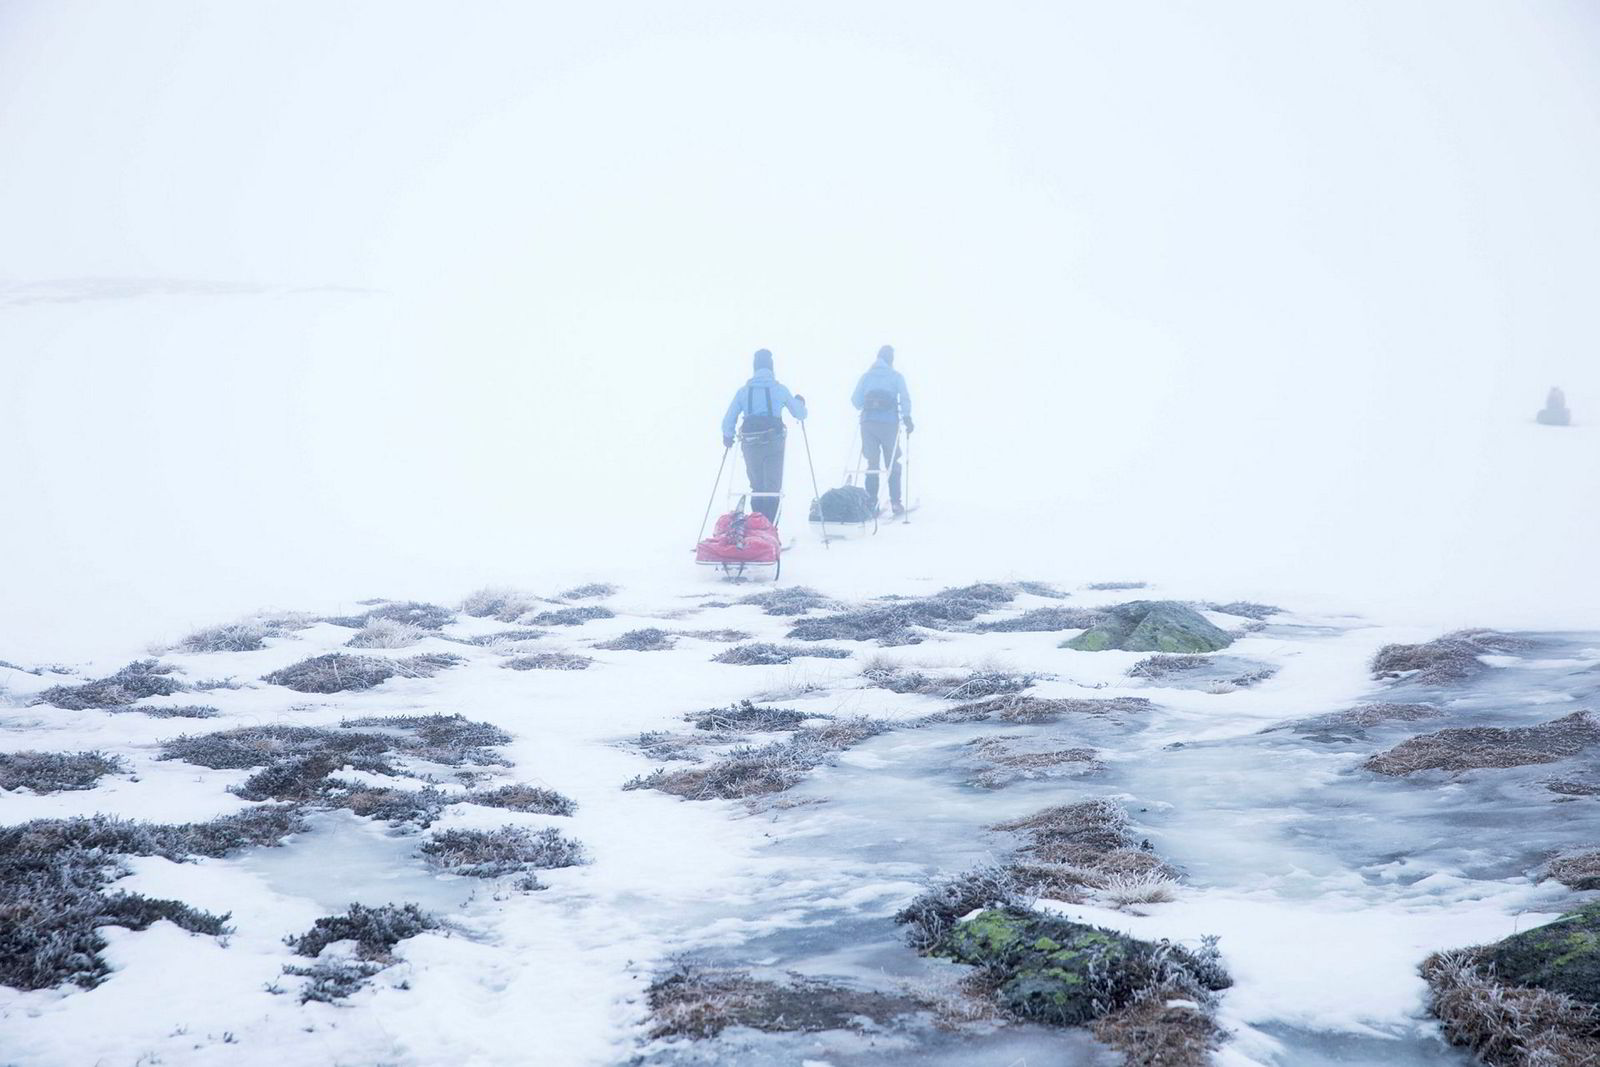 Det er uvanlig lite snø der de to venninnene beveger seg innover vidda rundt 1200 meter over havet i retning Hellevassbu.